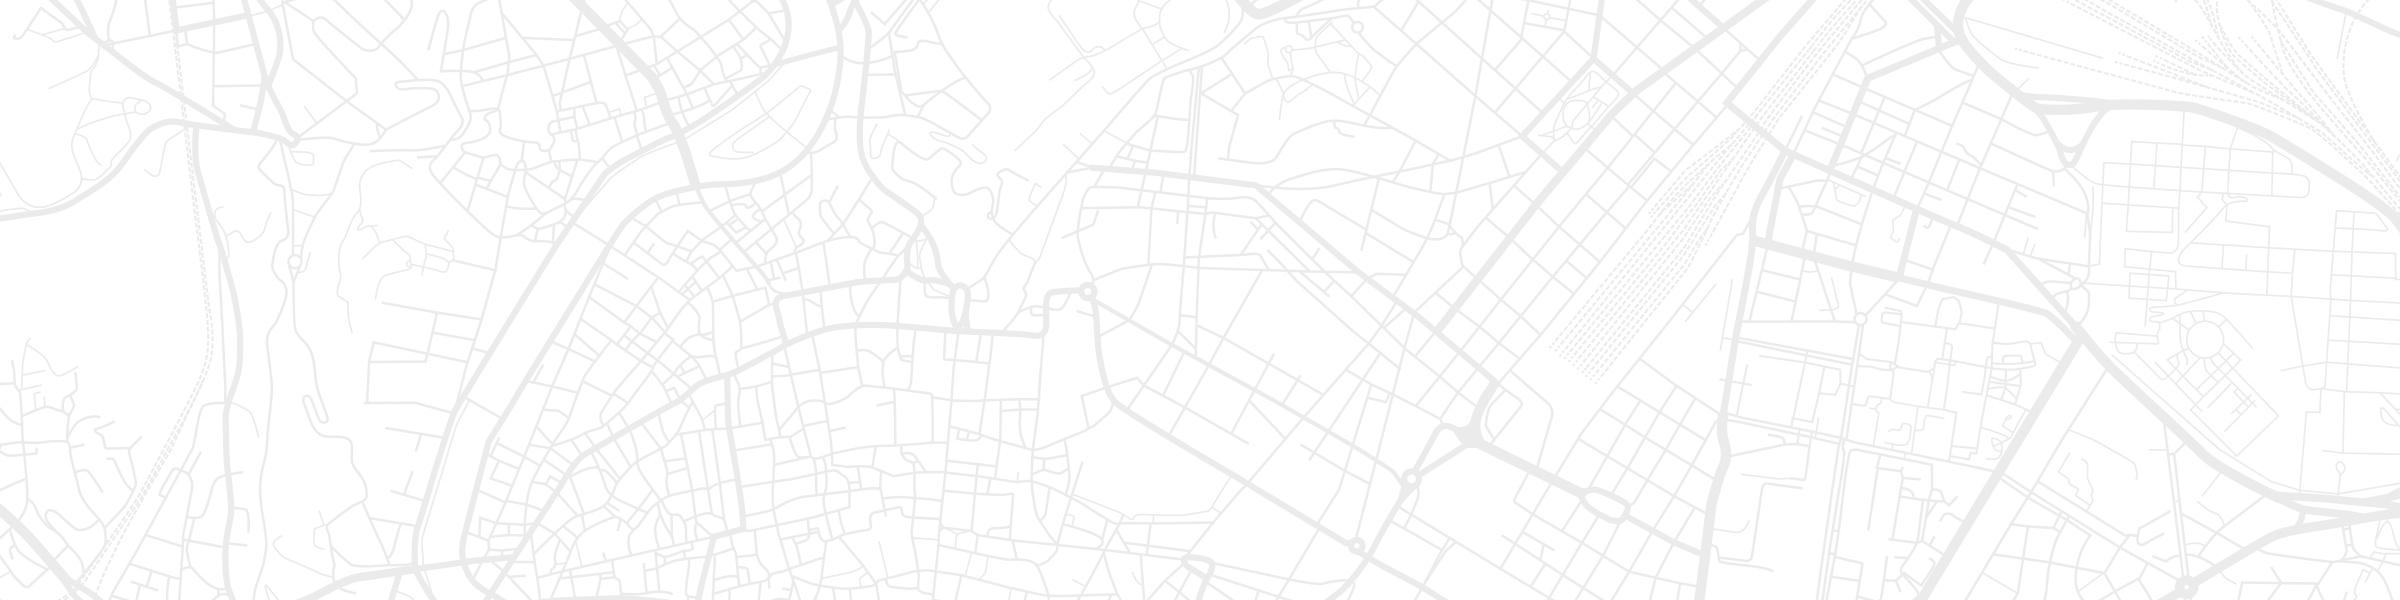 map-hero-2400x600px